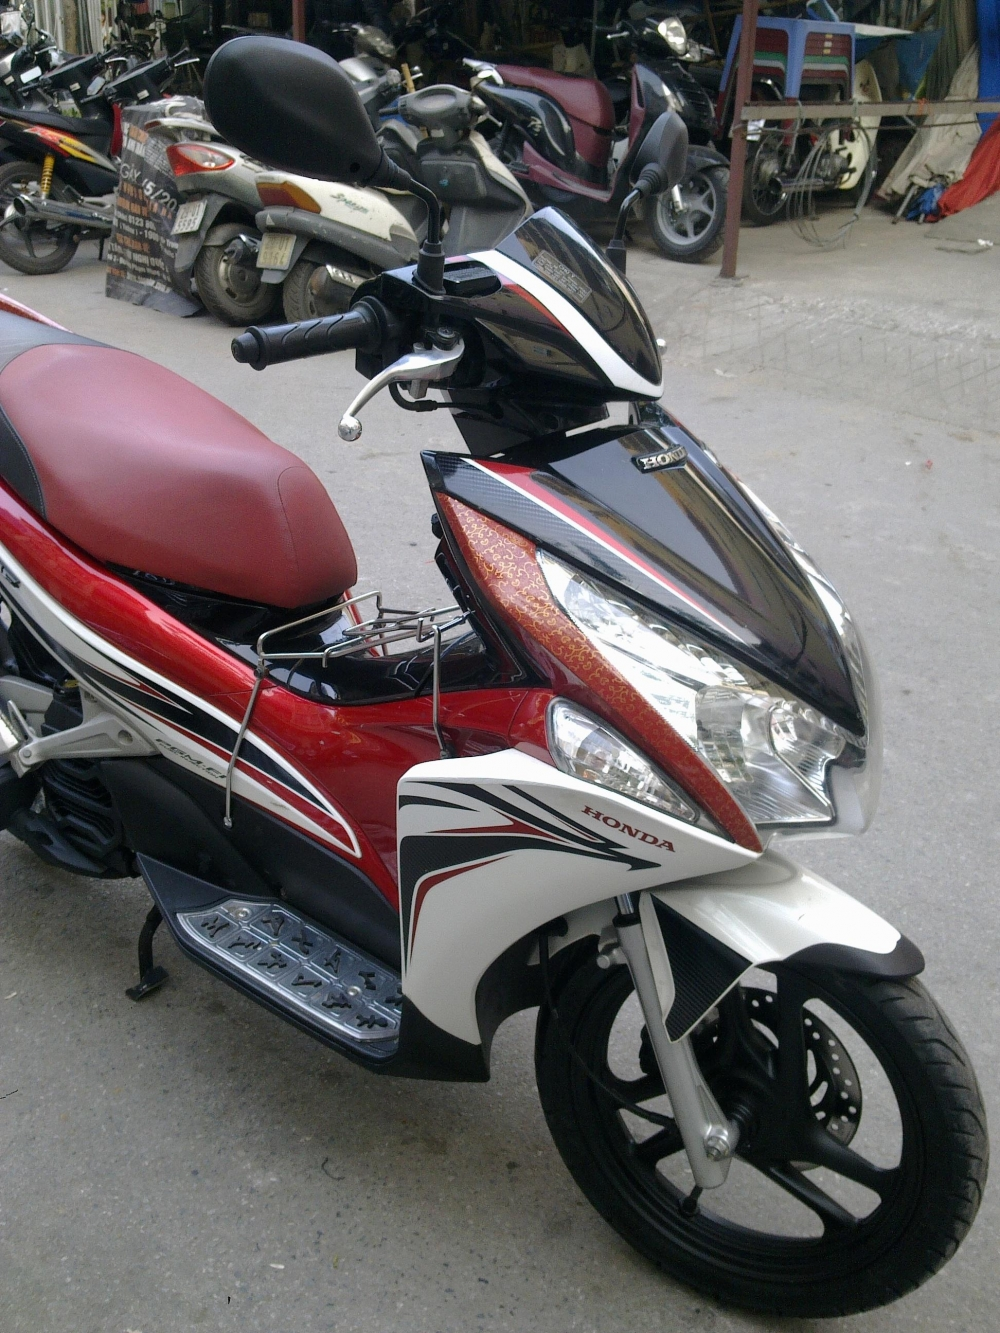 Ban Airblade Fi Sport doi 2011 29M 03543 Sport ban 245 trieu chinh chu giu gin nguyen ban - 2